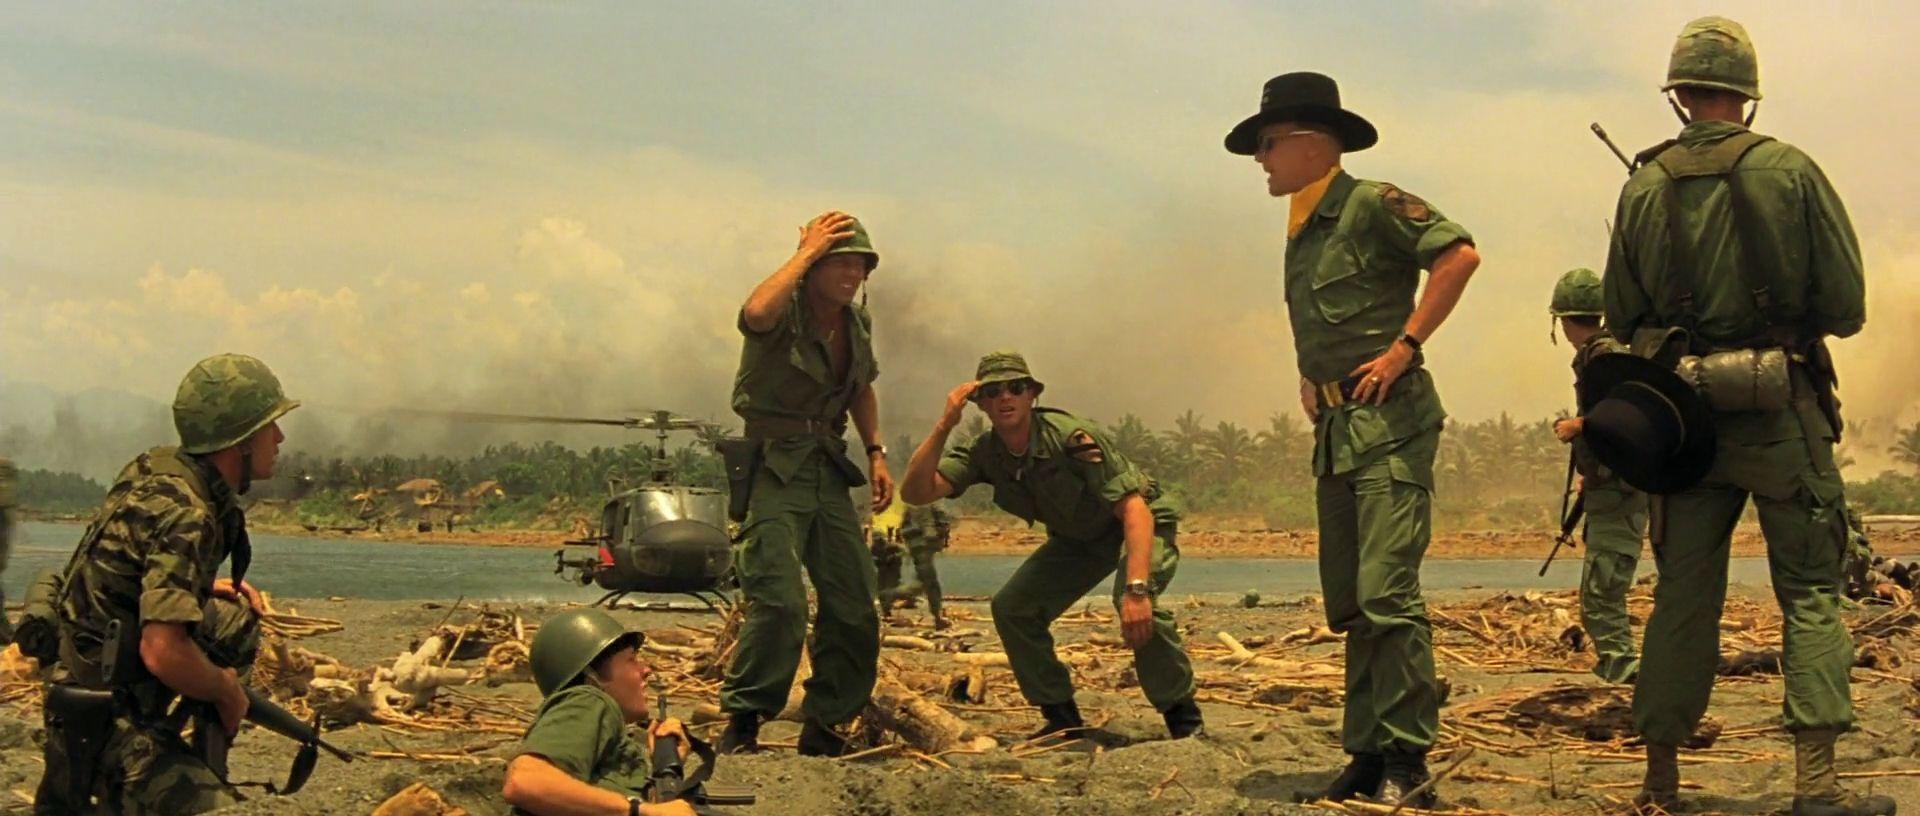 Apocalypse Now    Dir: Francis Ford Coppola    DoP: Vittorio Storaro    Year: 1979